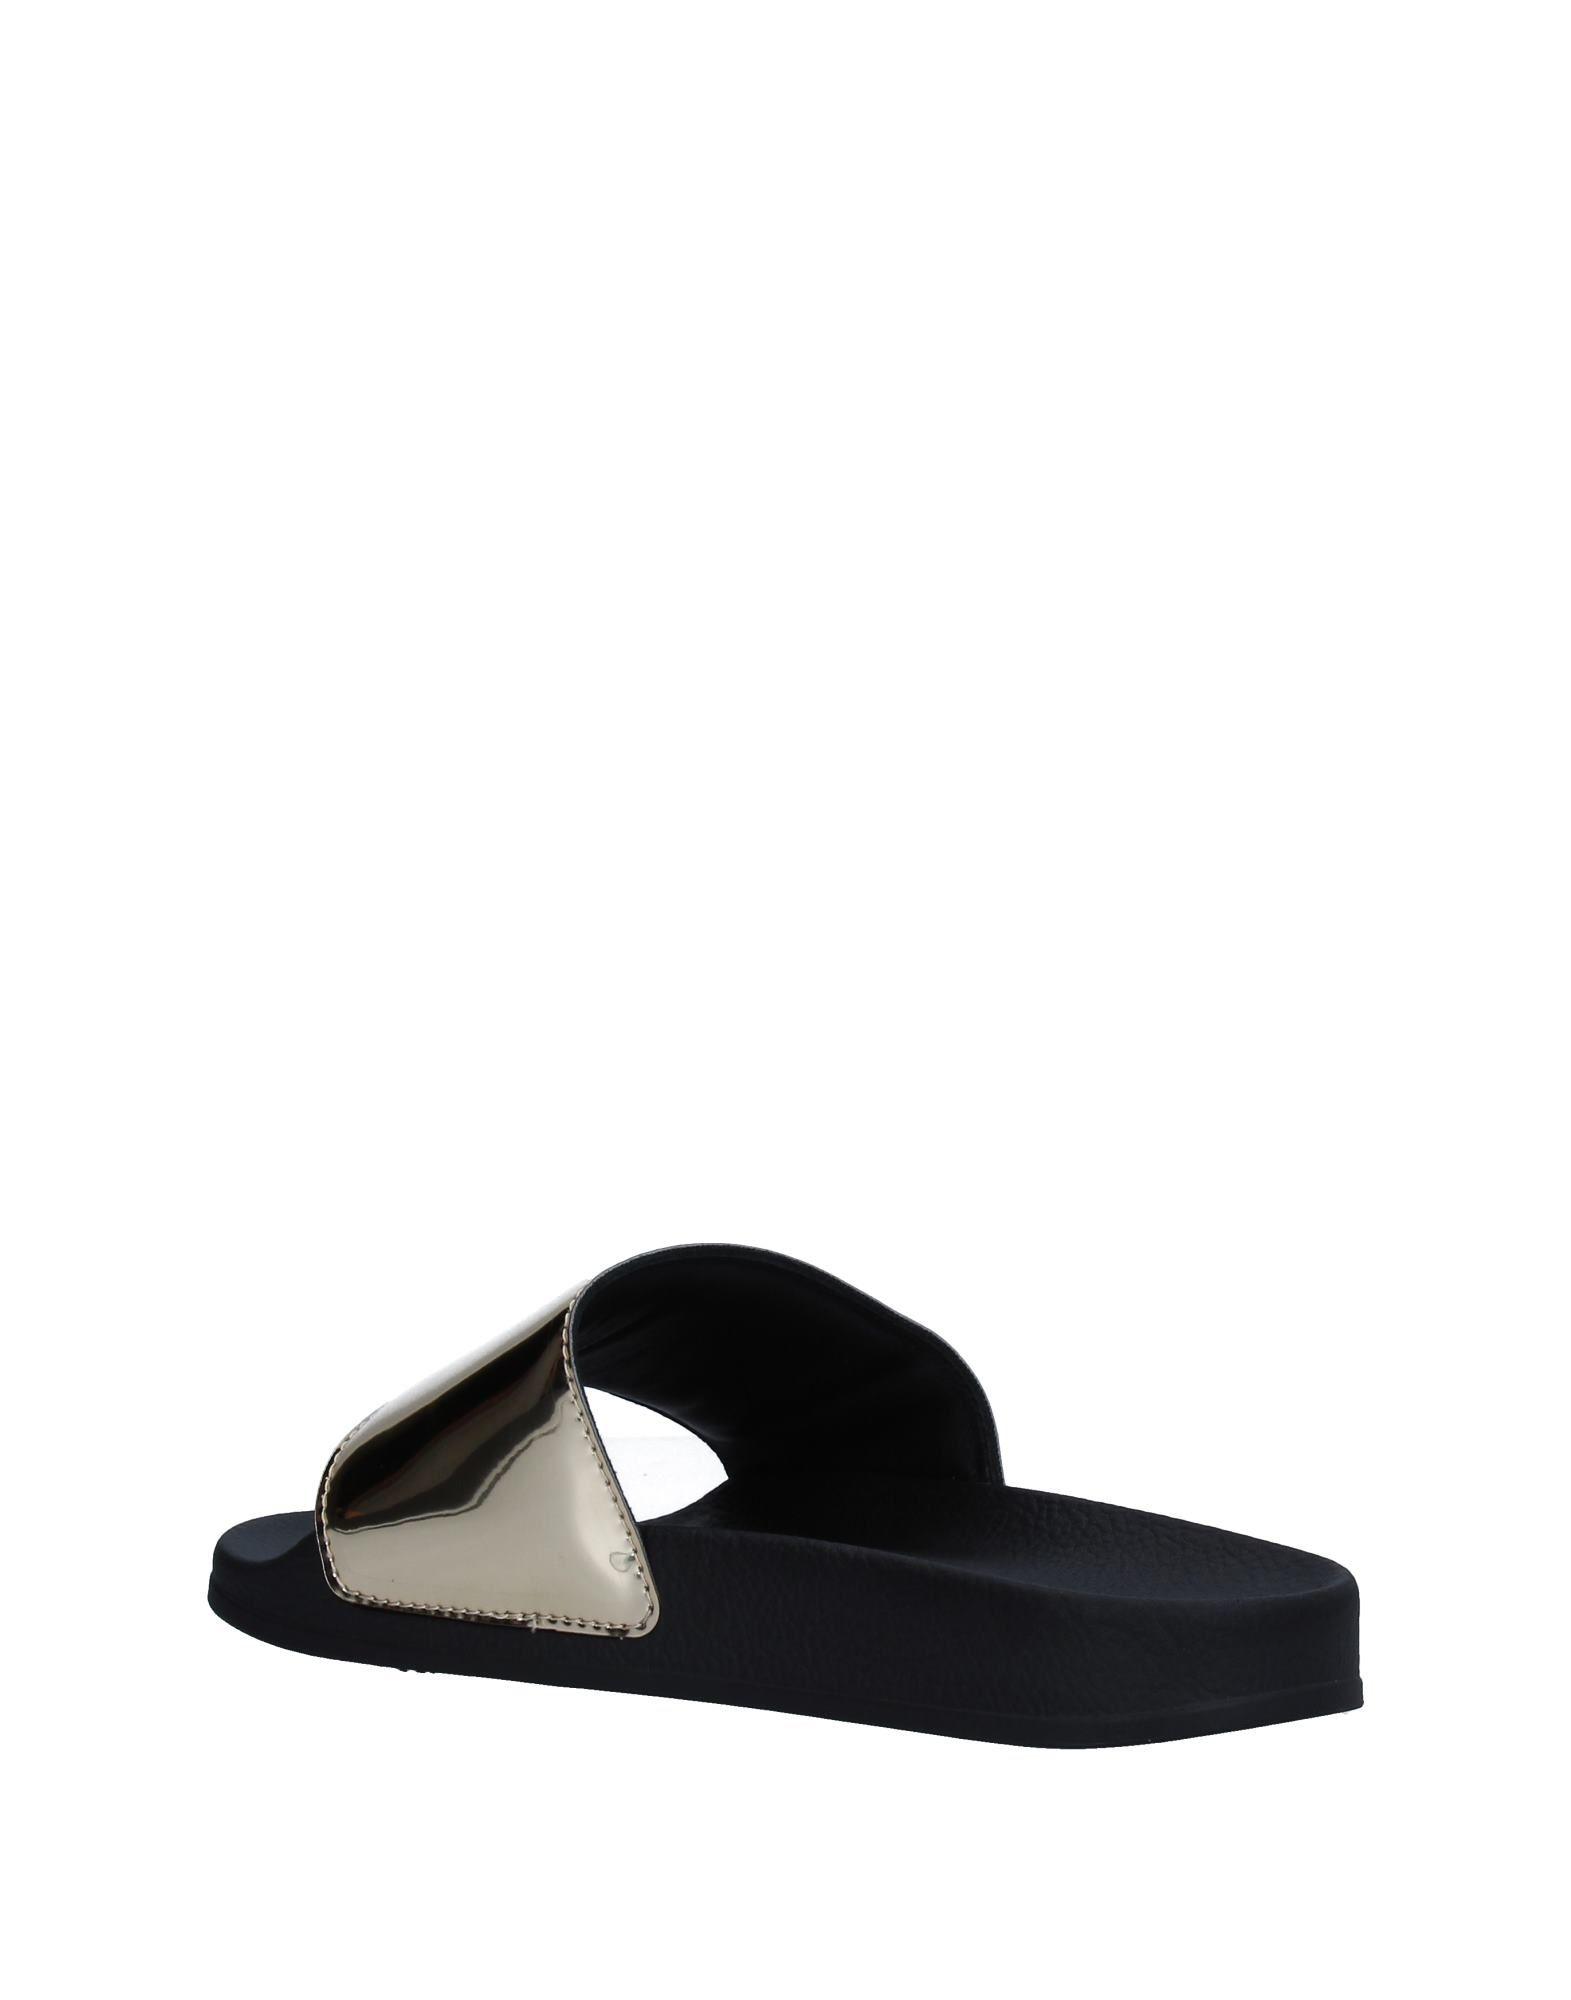 Marcelo Burlon Sandals - Women Women Women Marcelo Burlon Sandals online on  United Kingdom - 11334659RO 8a74b6